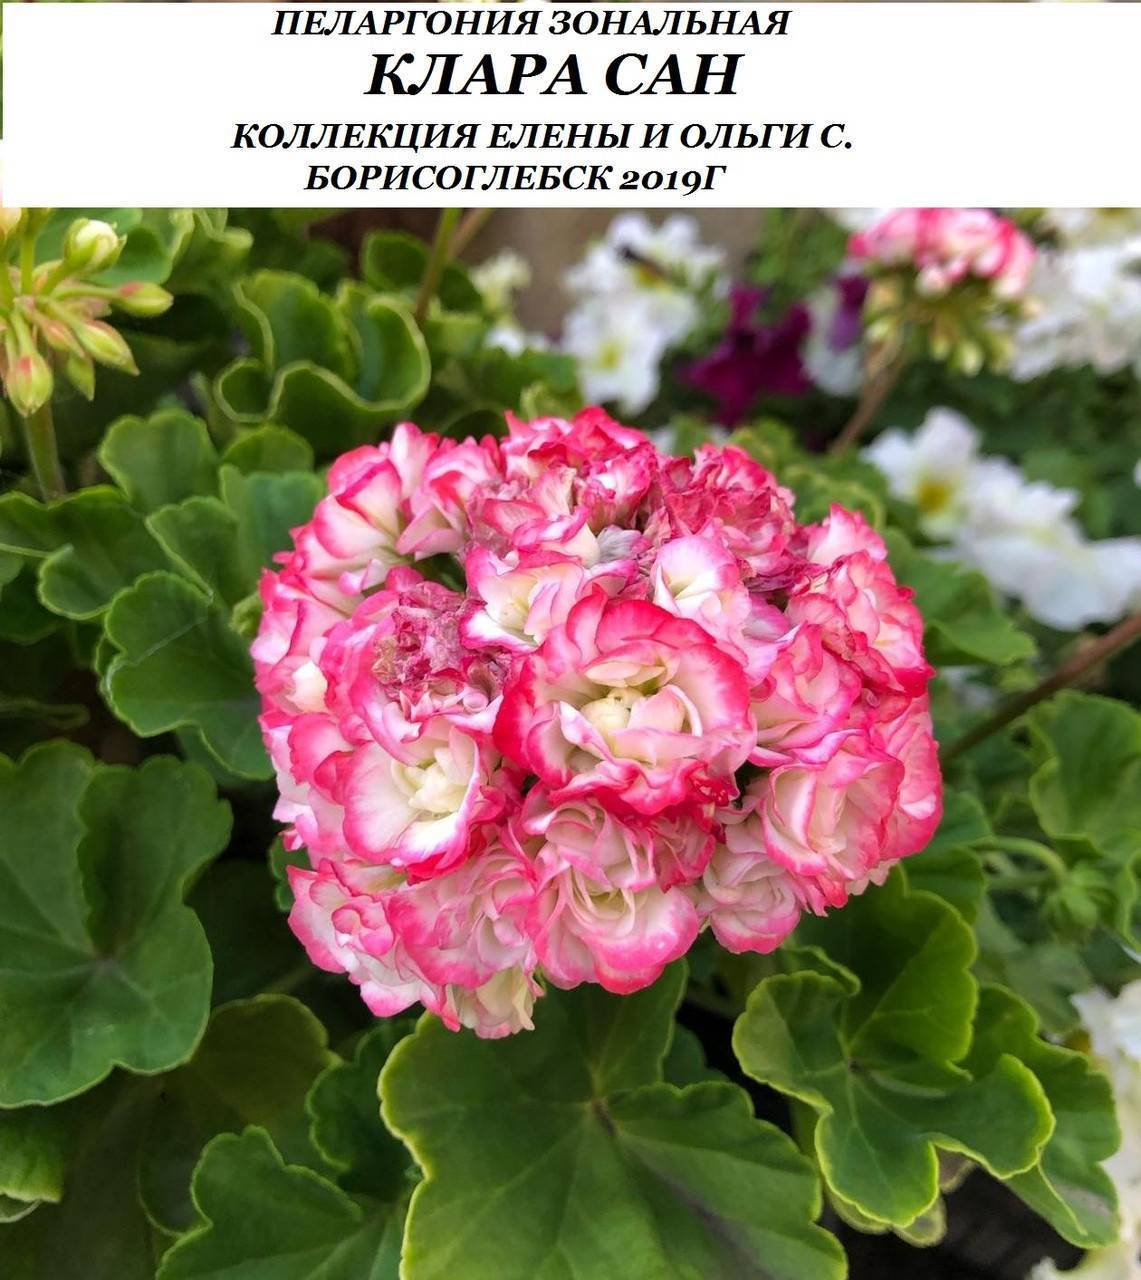 Пеларгония клара сан: описание и особенности вида, нюансы ухода и размножения, советы любителям